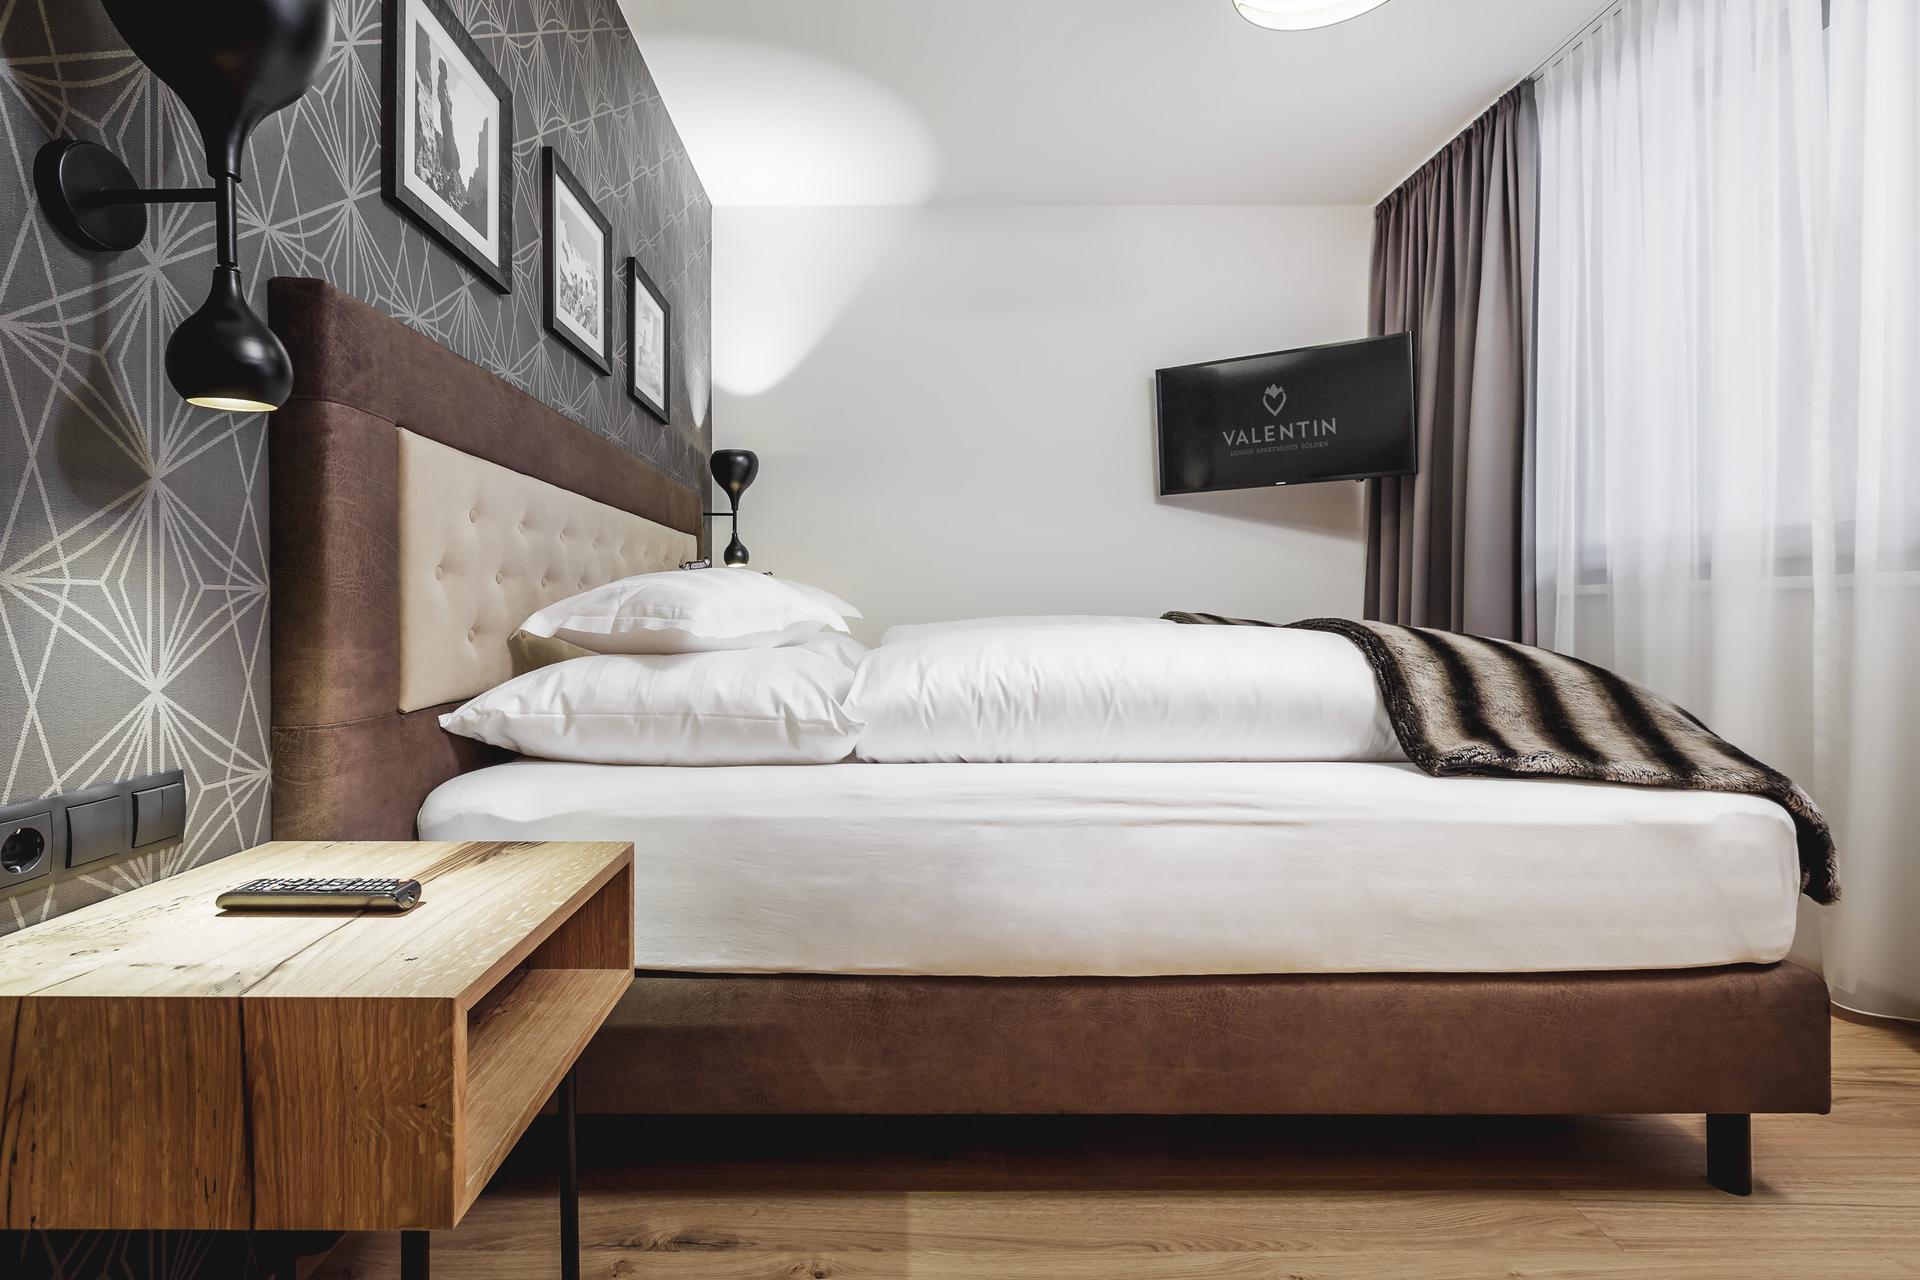 Impressum 4 sterne hotel valentin in s lden for Design hotel valentin solden